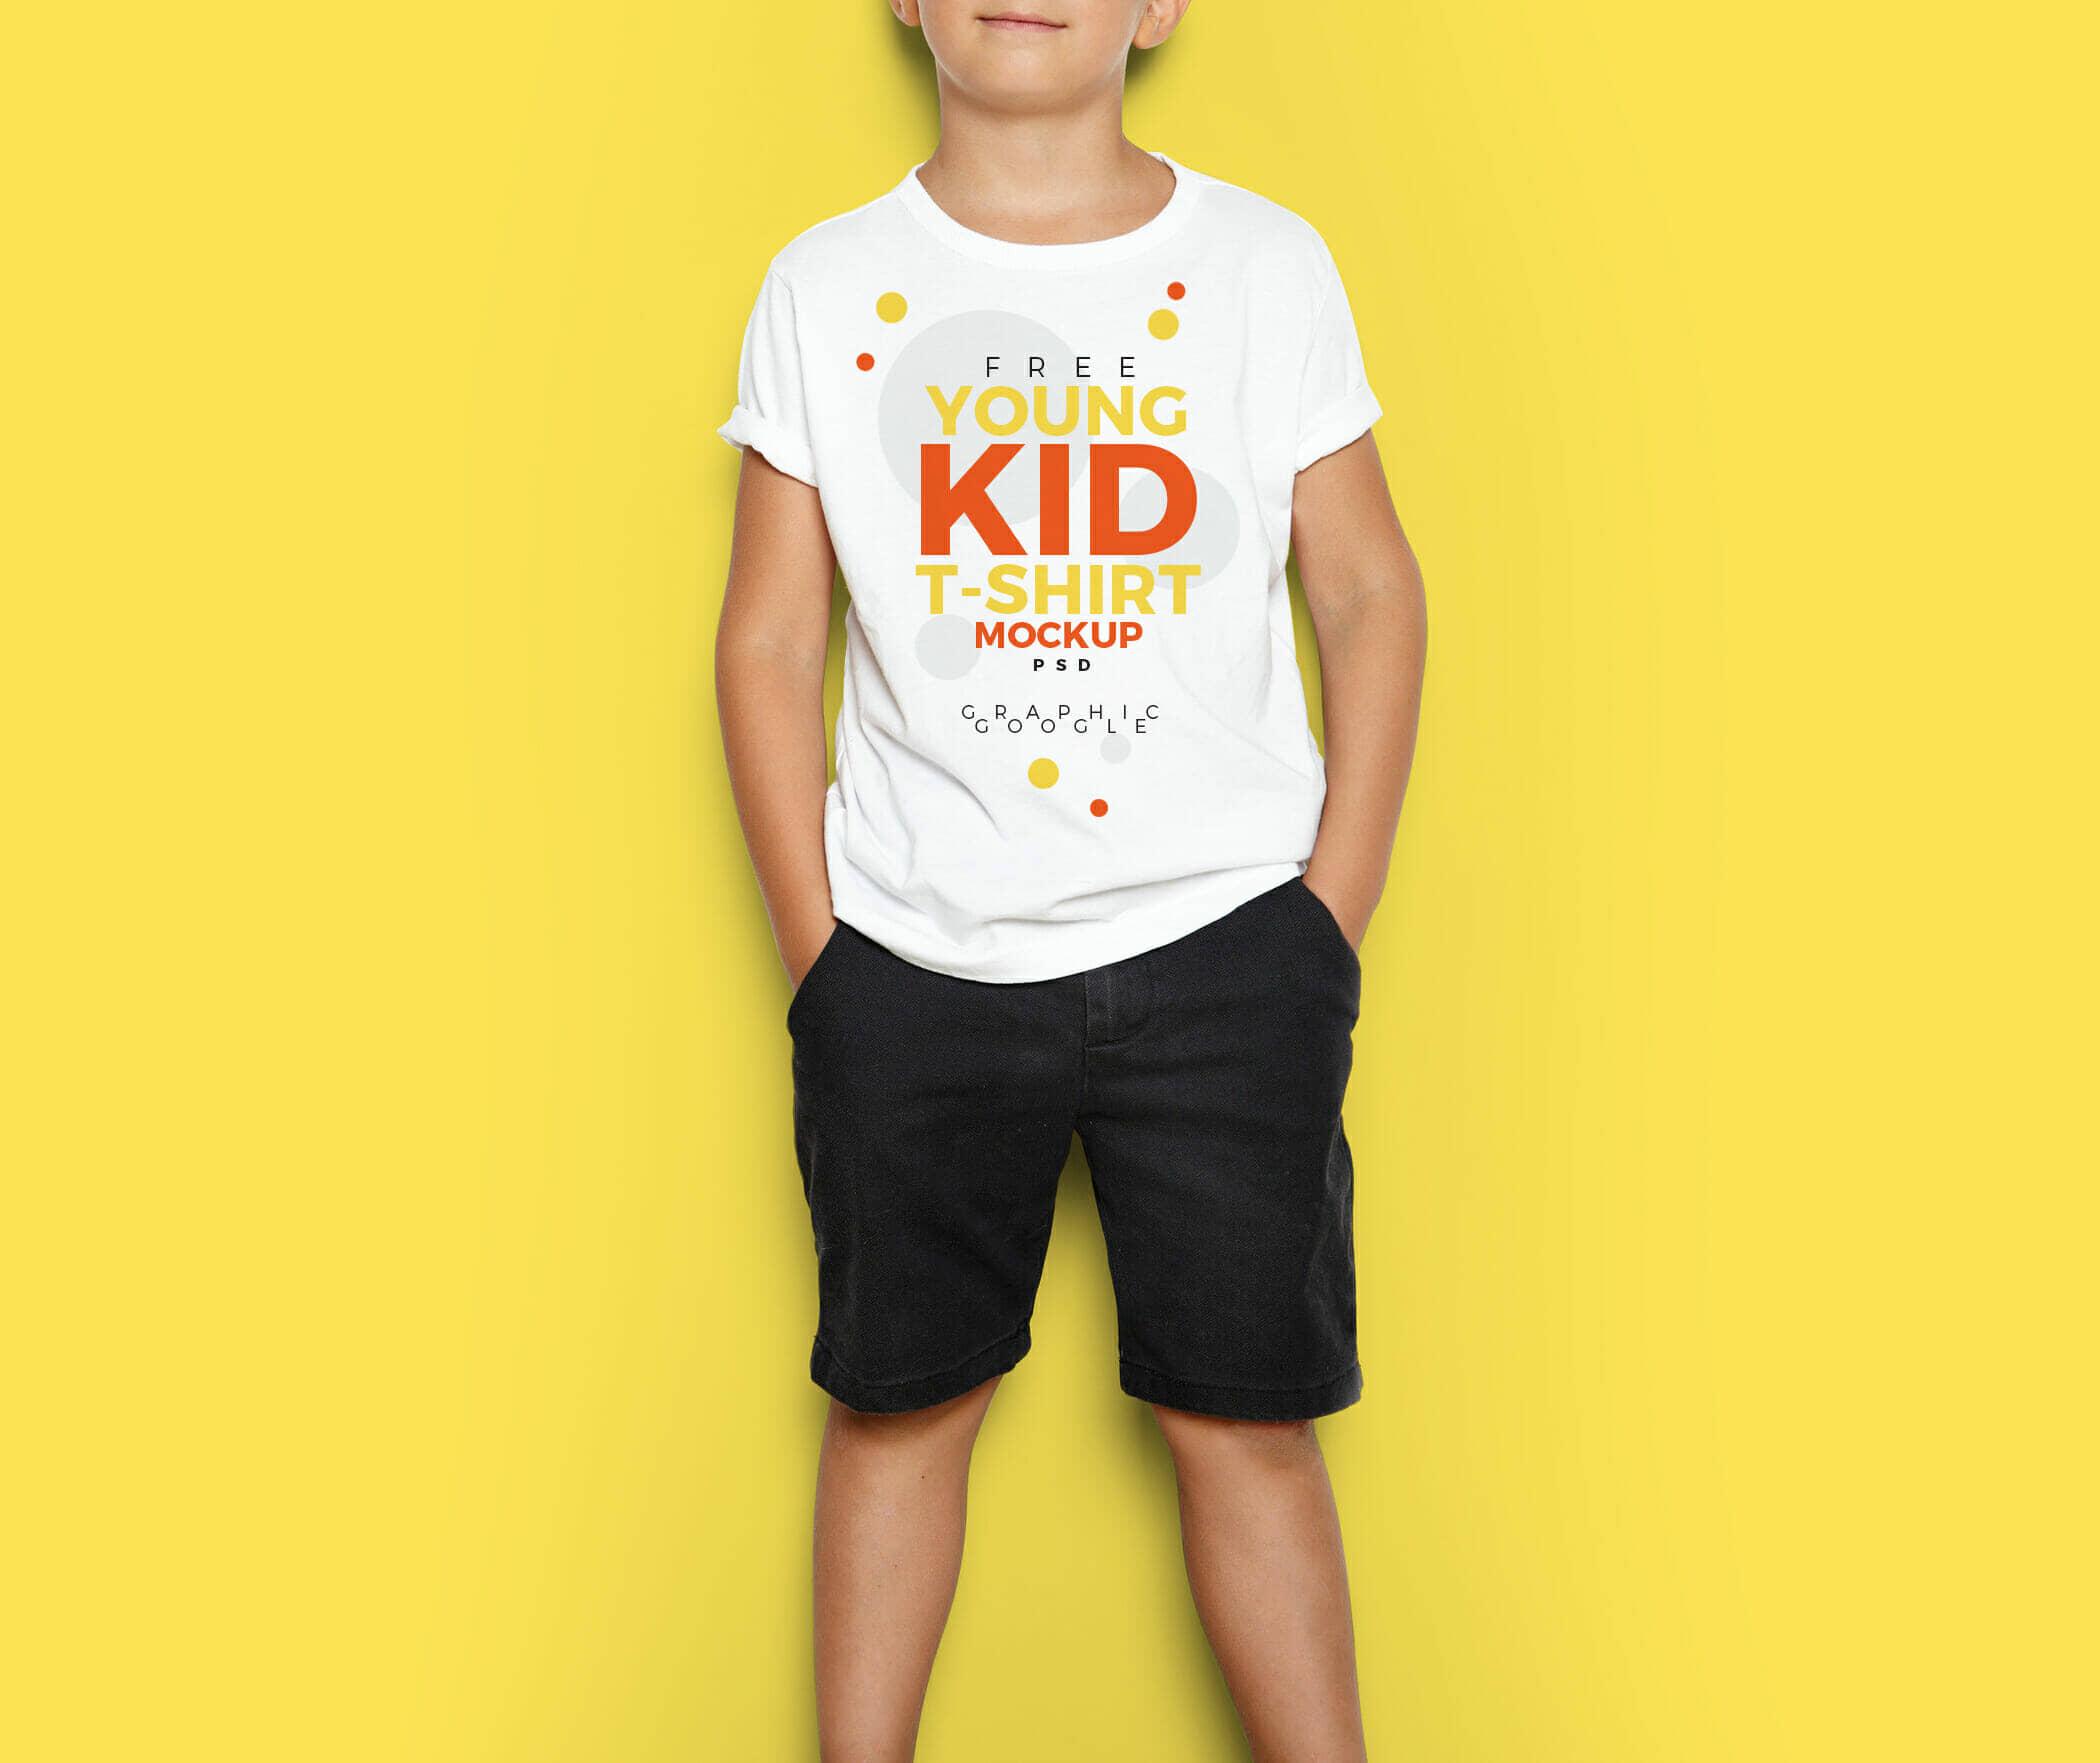 Free Young Kid T-Shirt MockUp